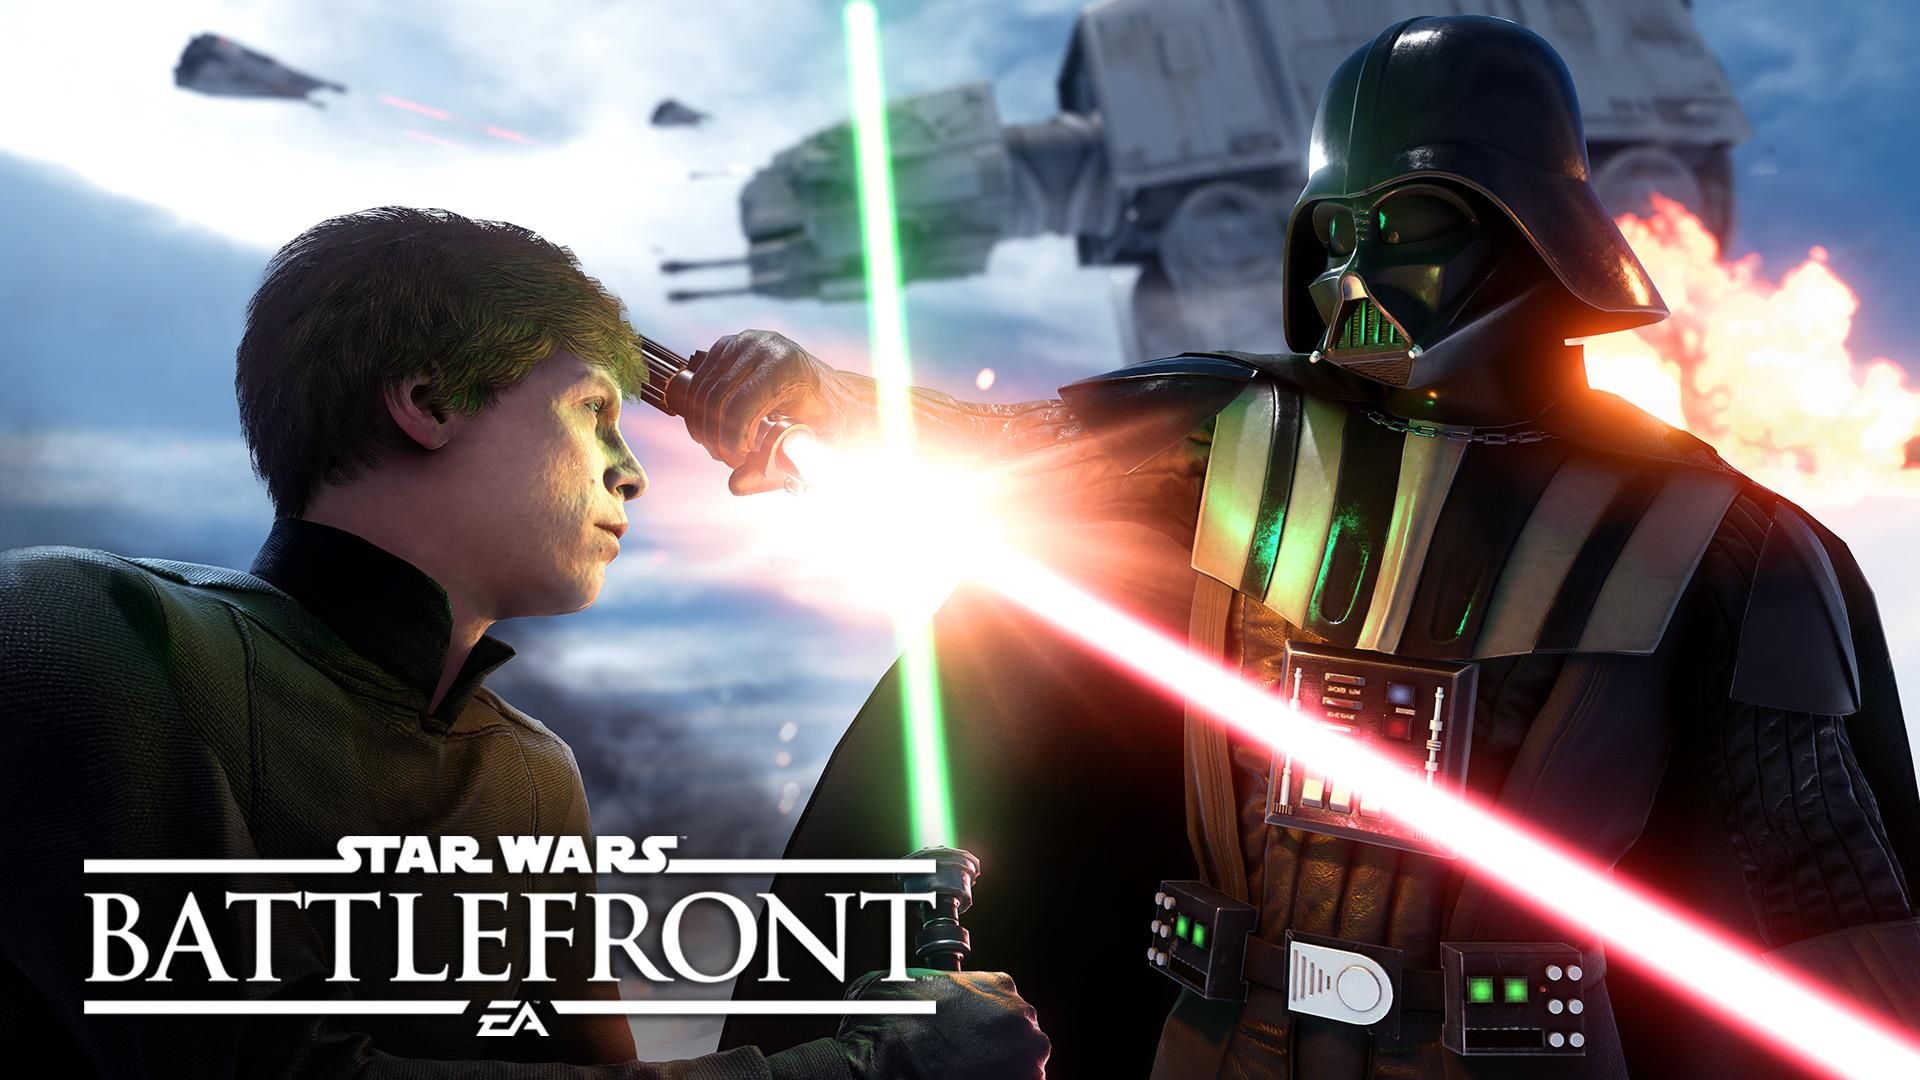 Star Wars Battlefront: The FPS Awakens